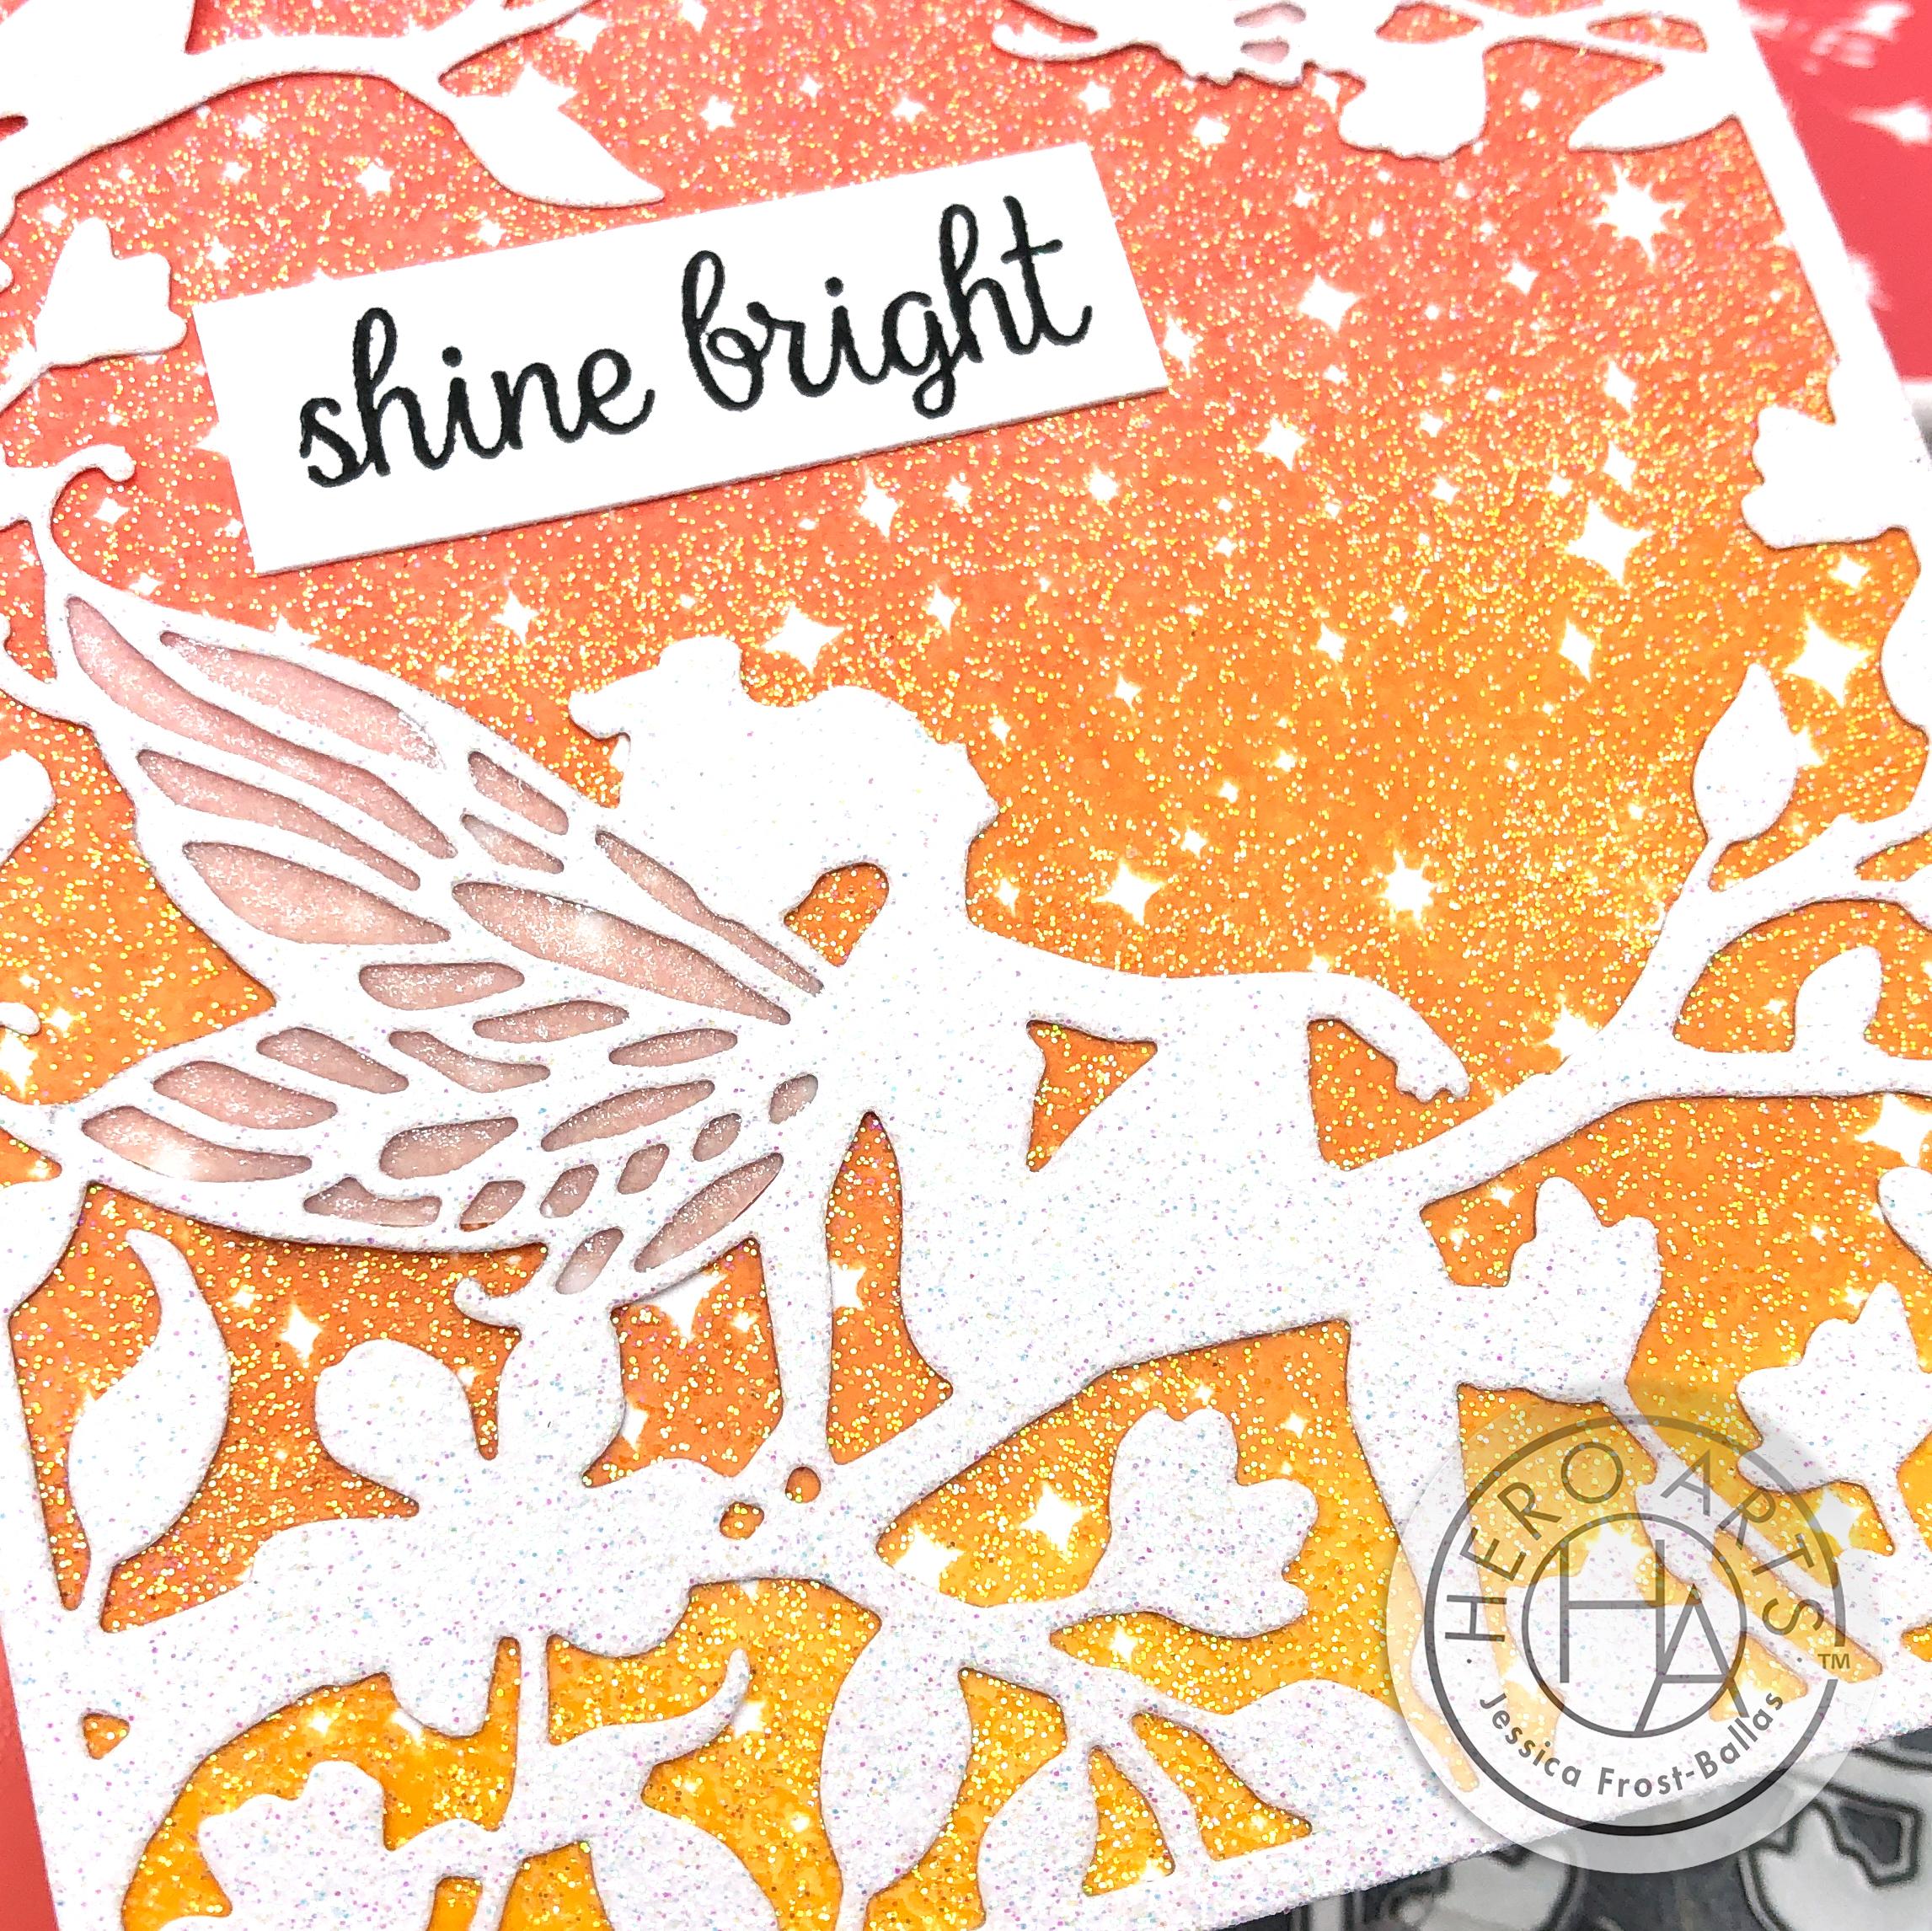 Shine Bright by Jessica Frost-Ballas for Hero Arts